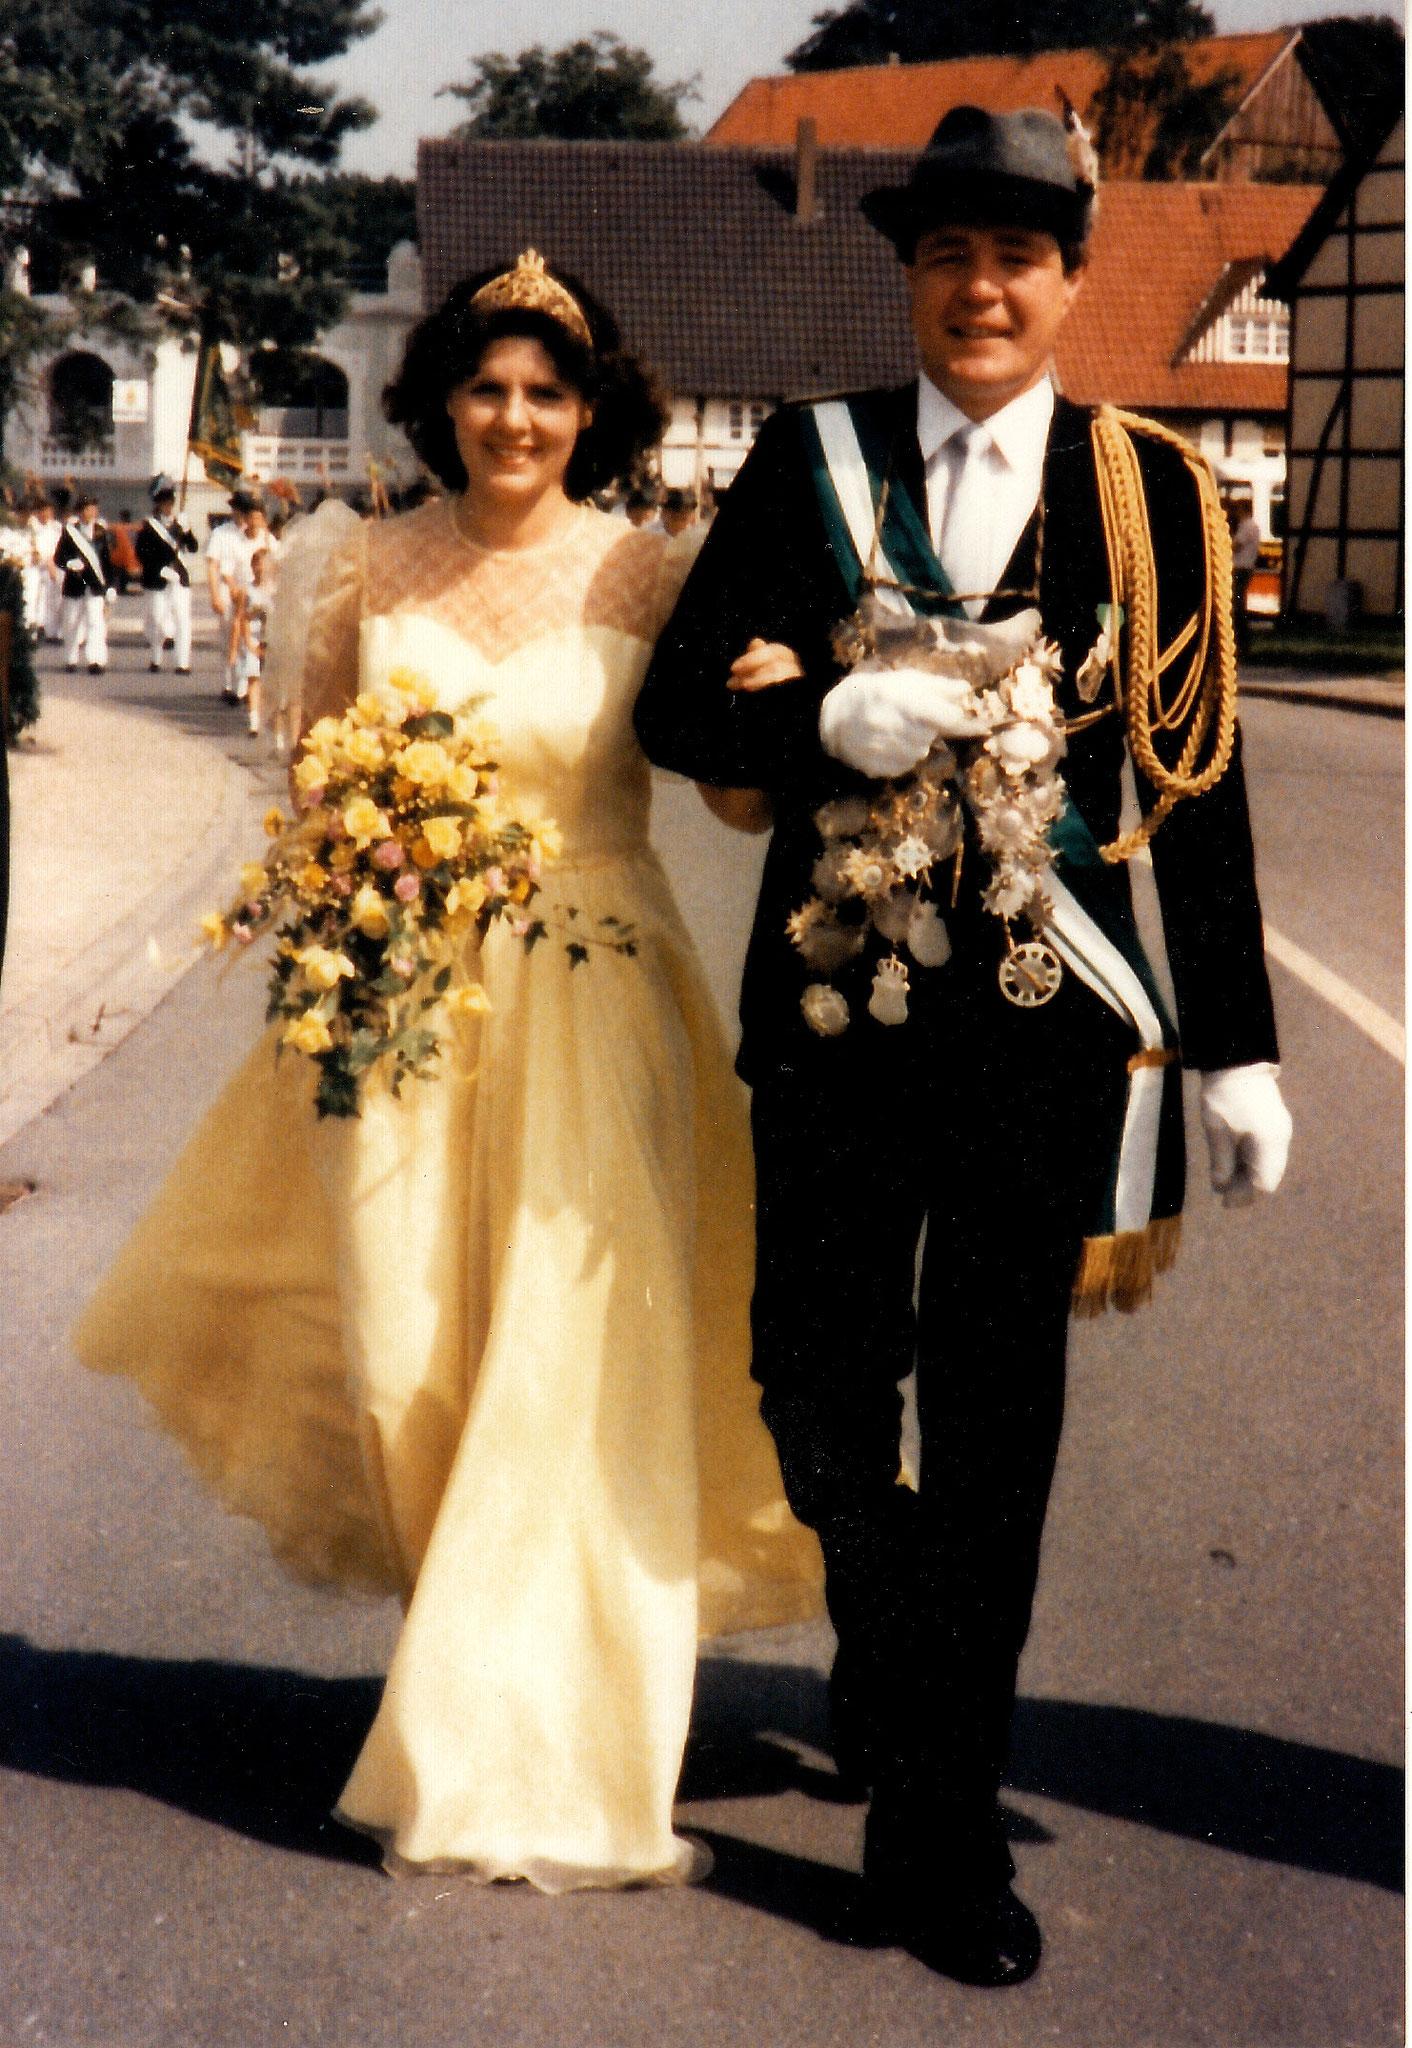 1984 Hubert Arens & Ingrid Mertens